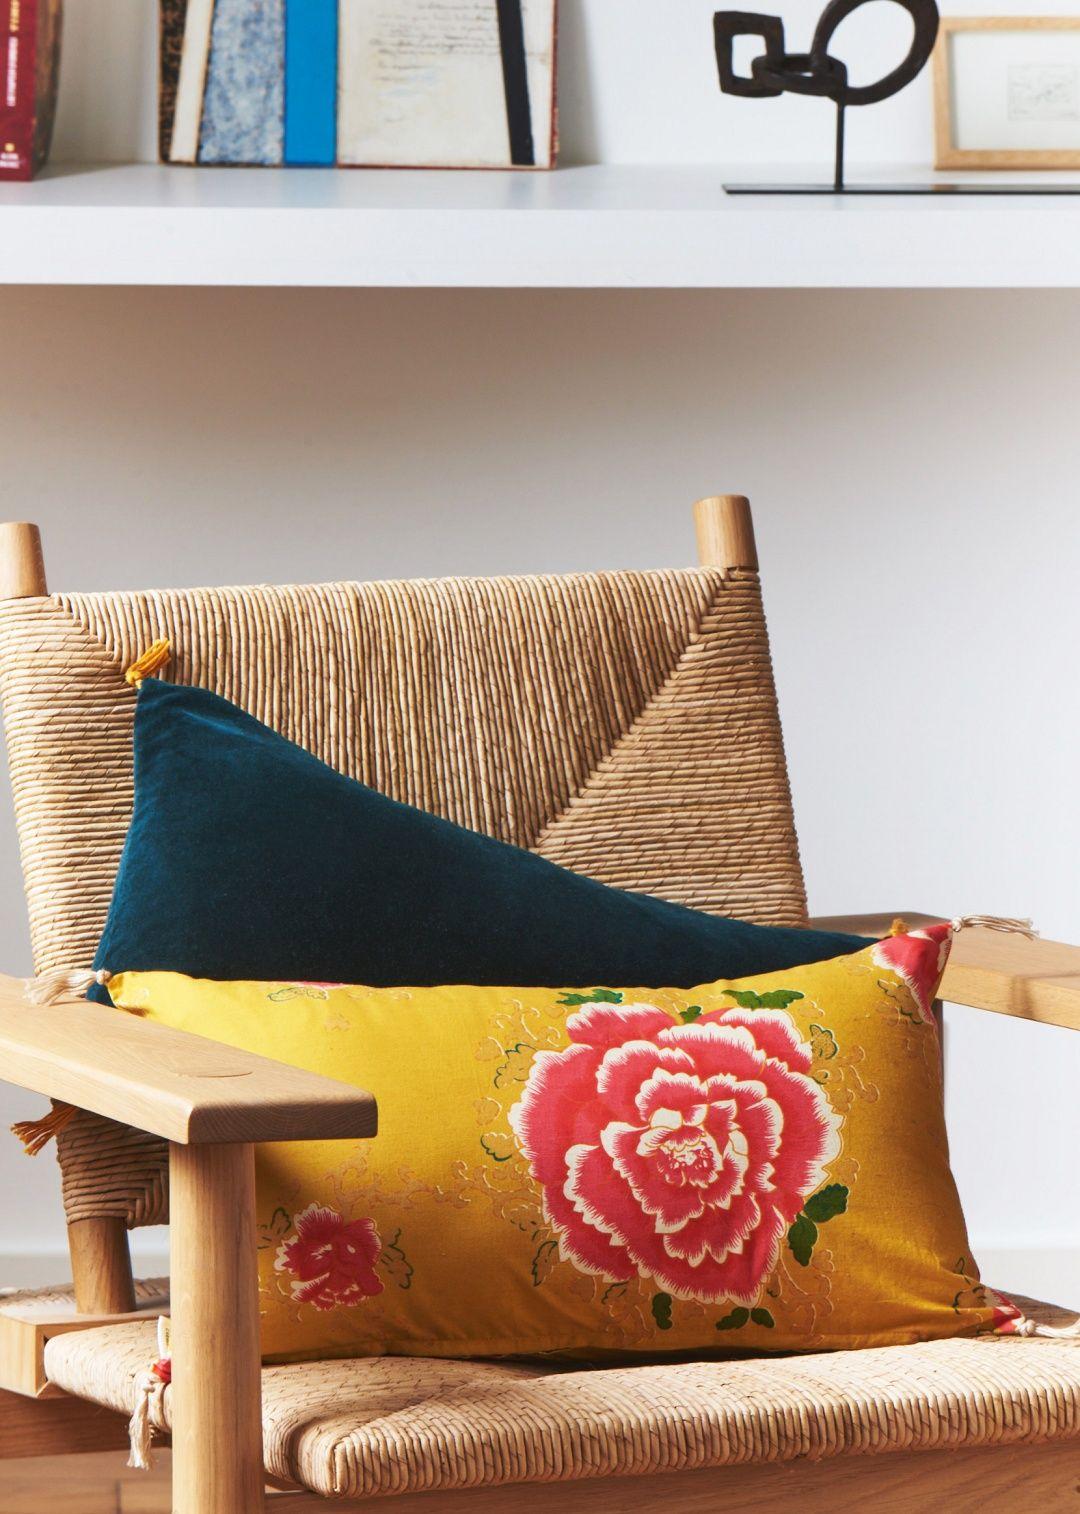 sézane - coussin coton imprimé - sézane x caravane | maison